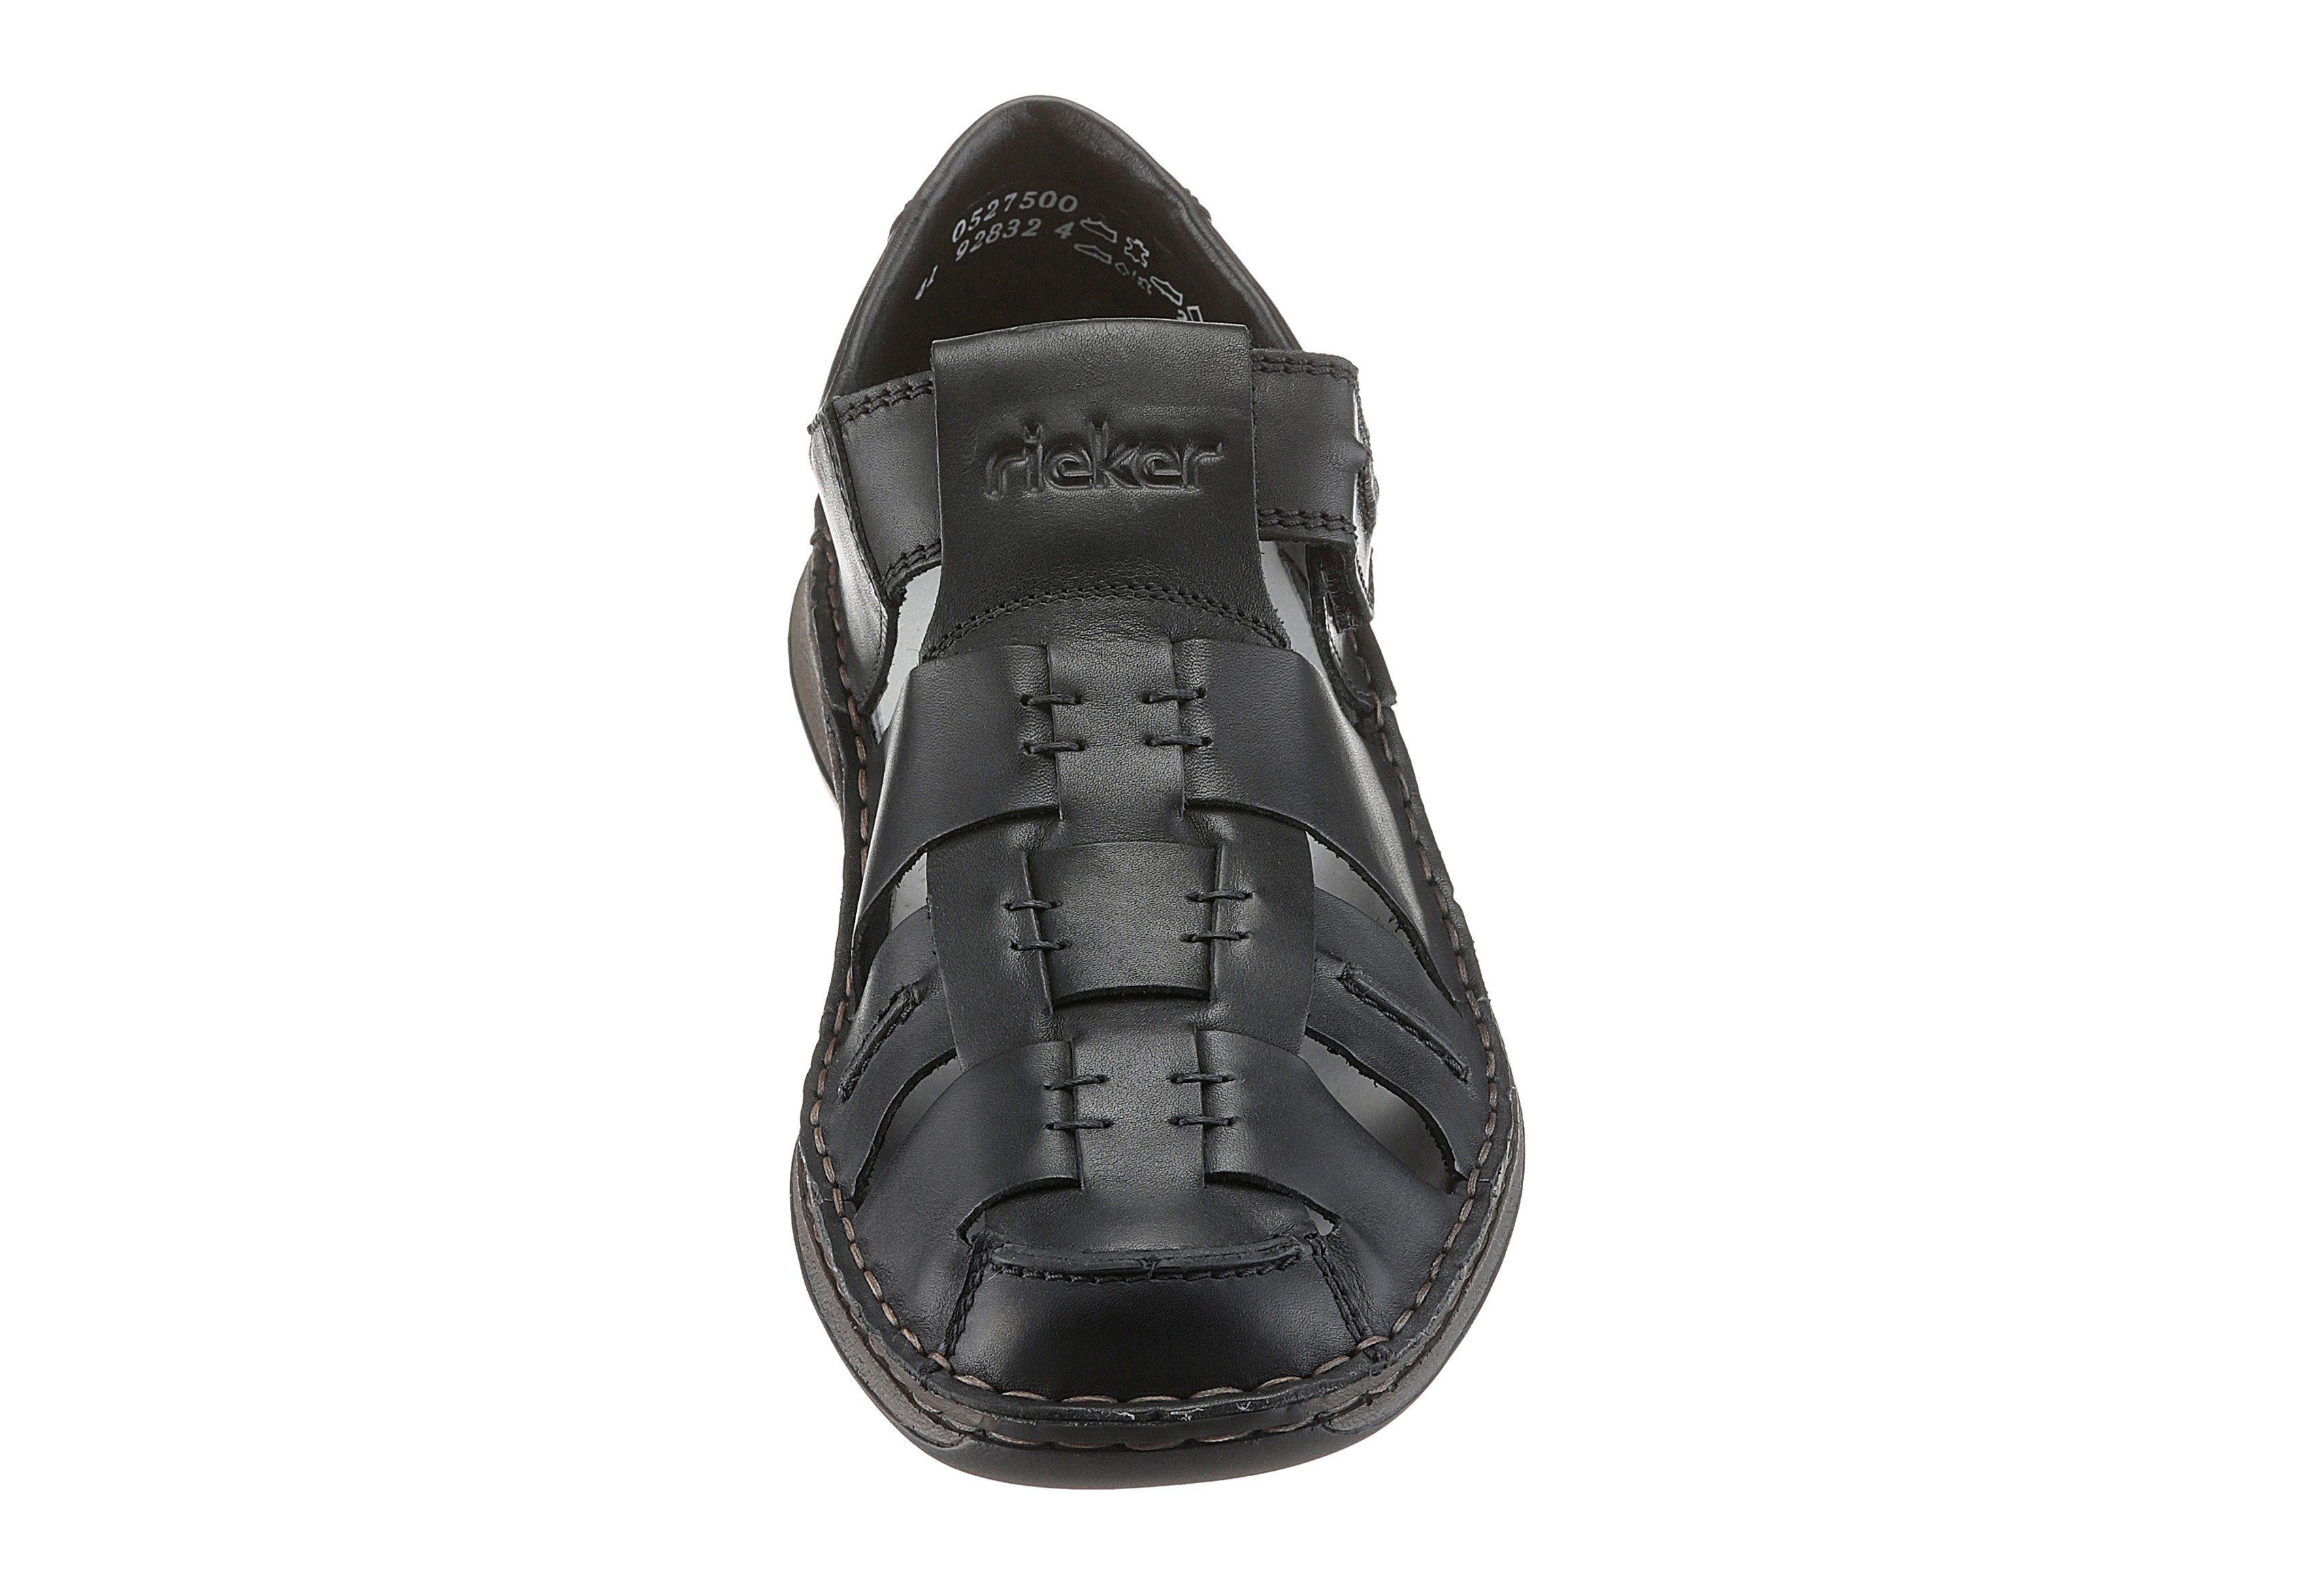 Rieker Velcro Chaussures Noir GpMyqJl